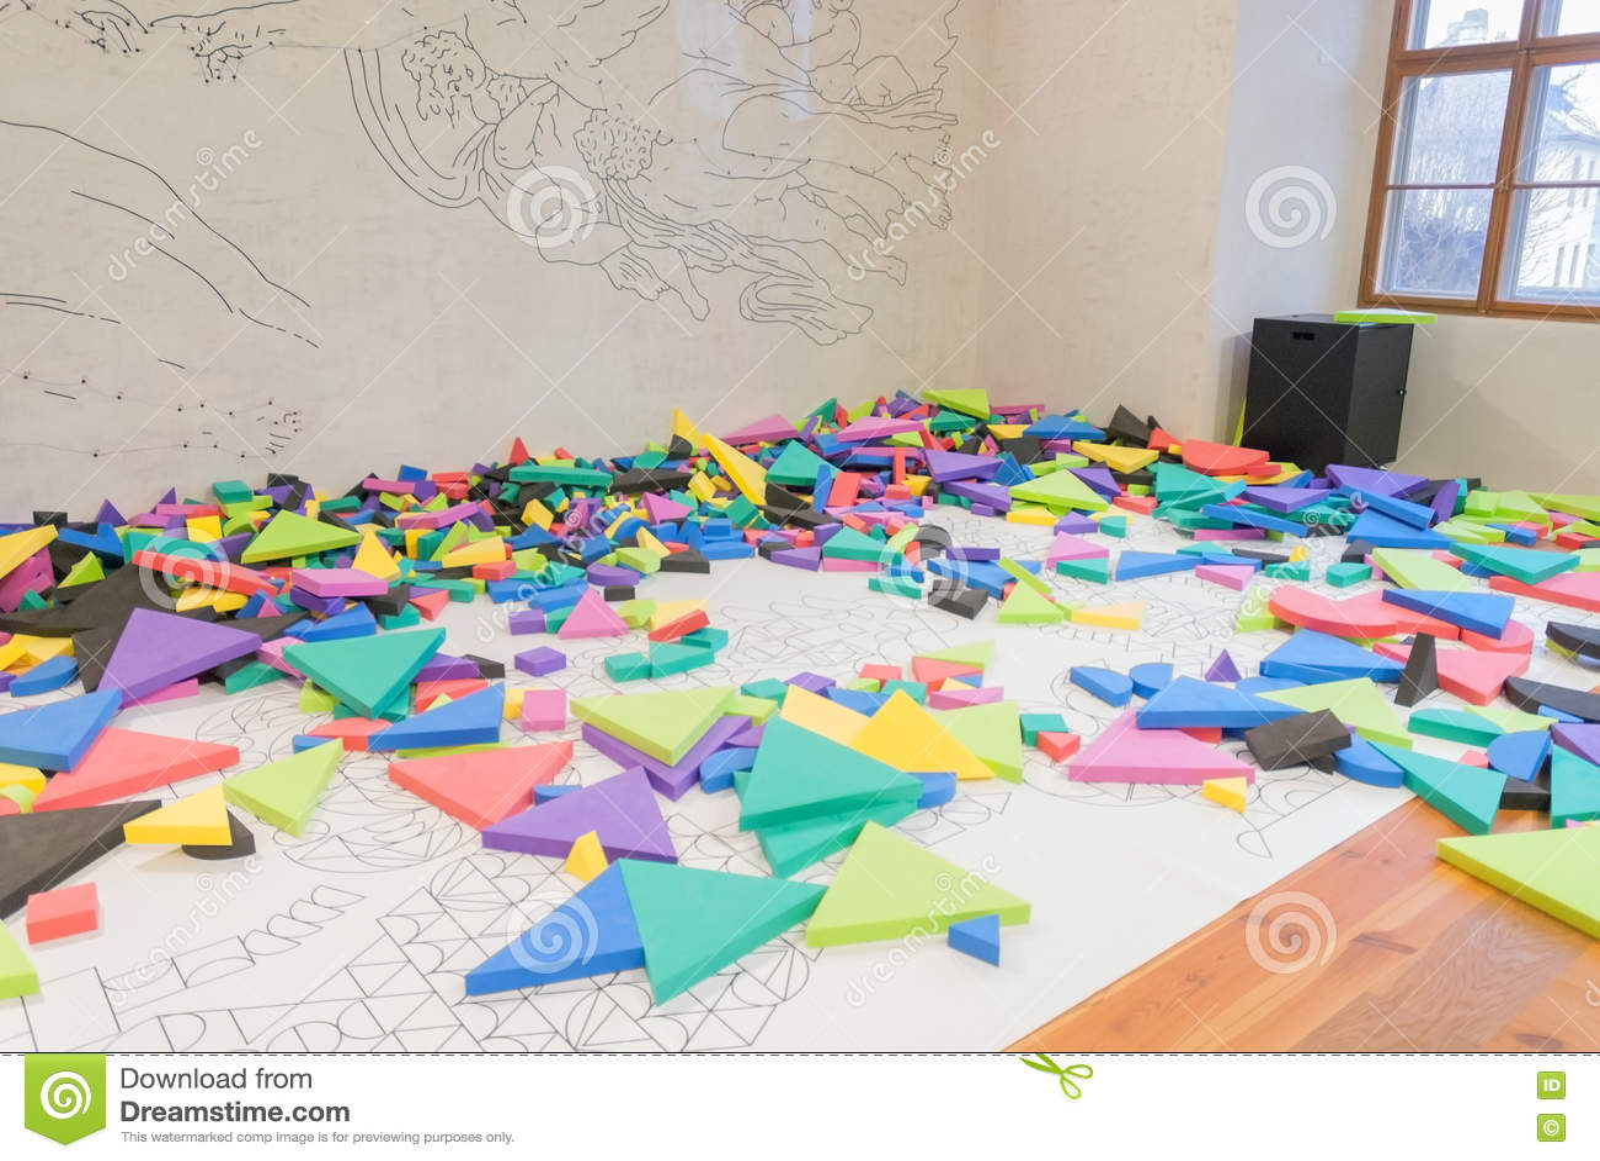 Interior playground play room children kindergarten colorful block